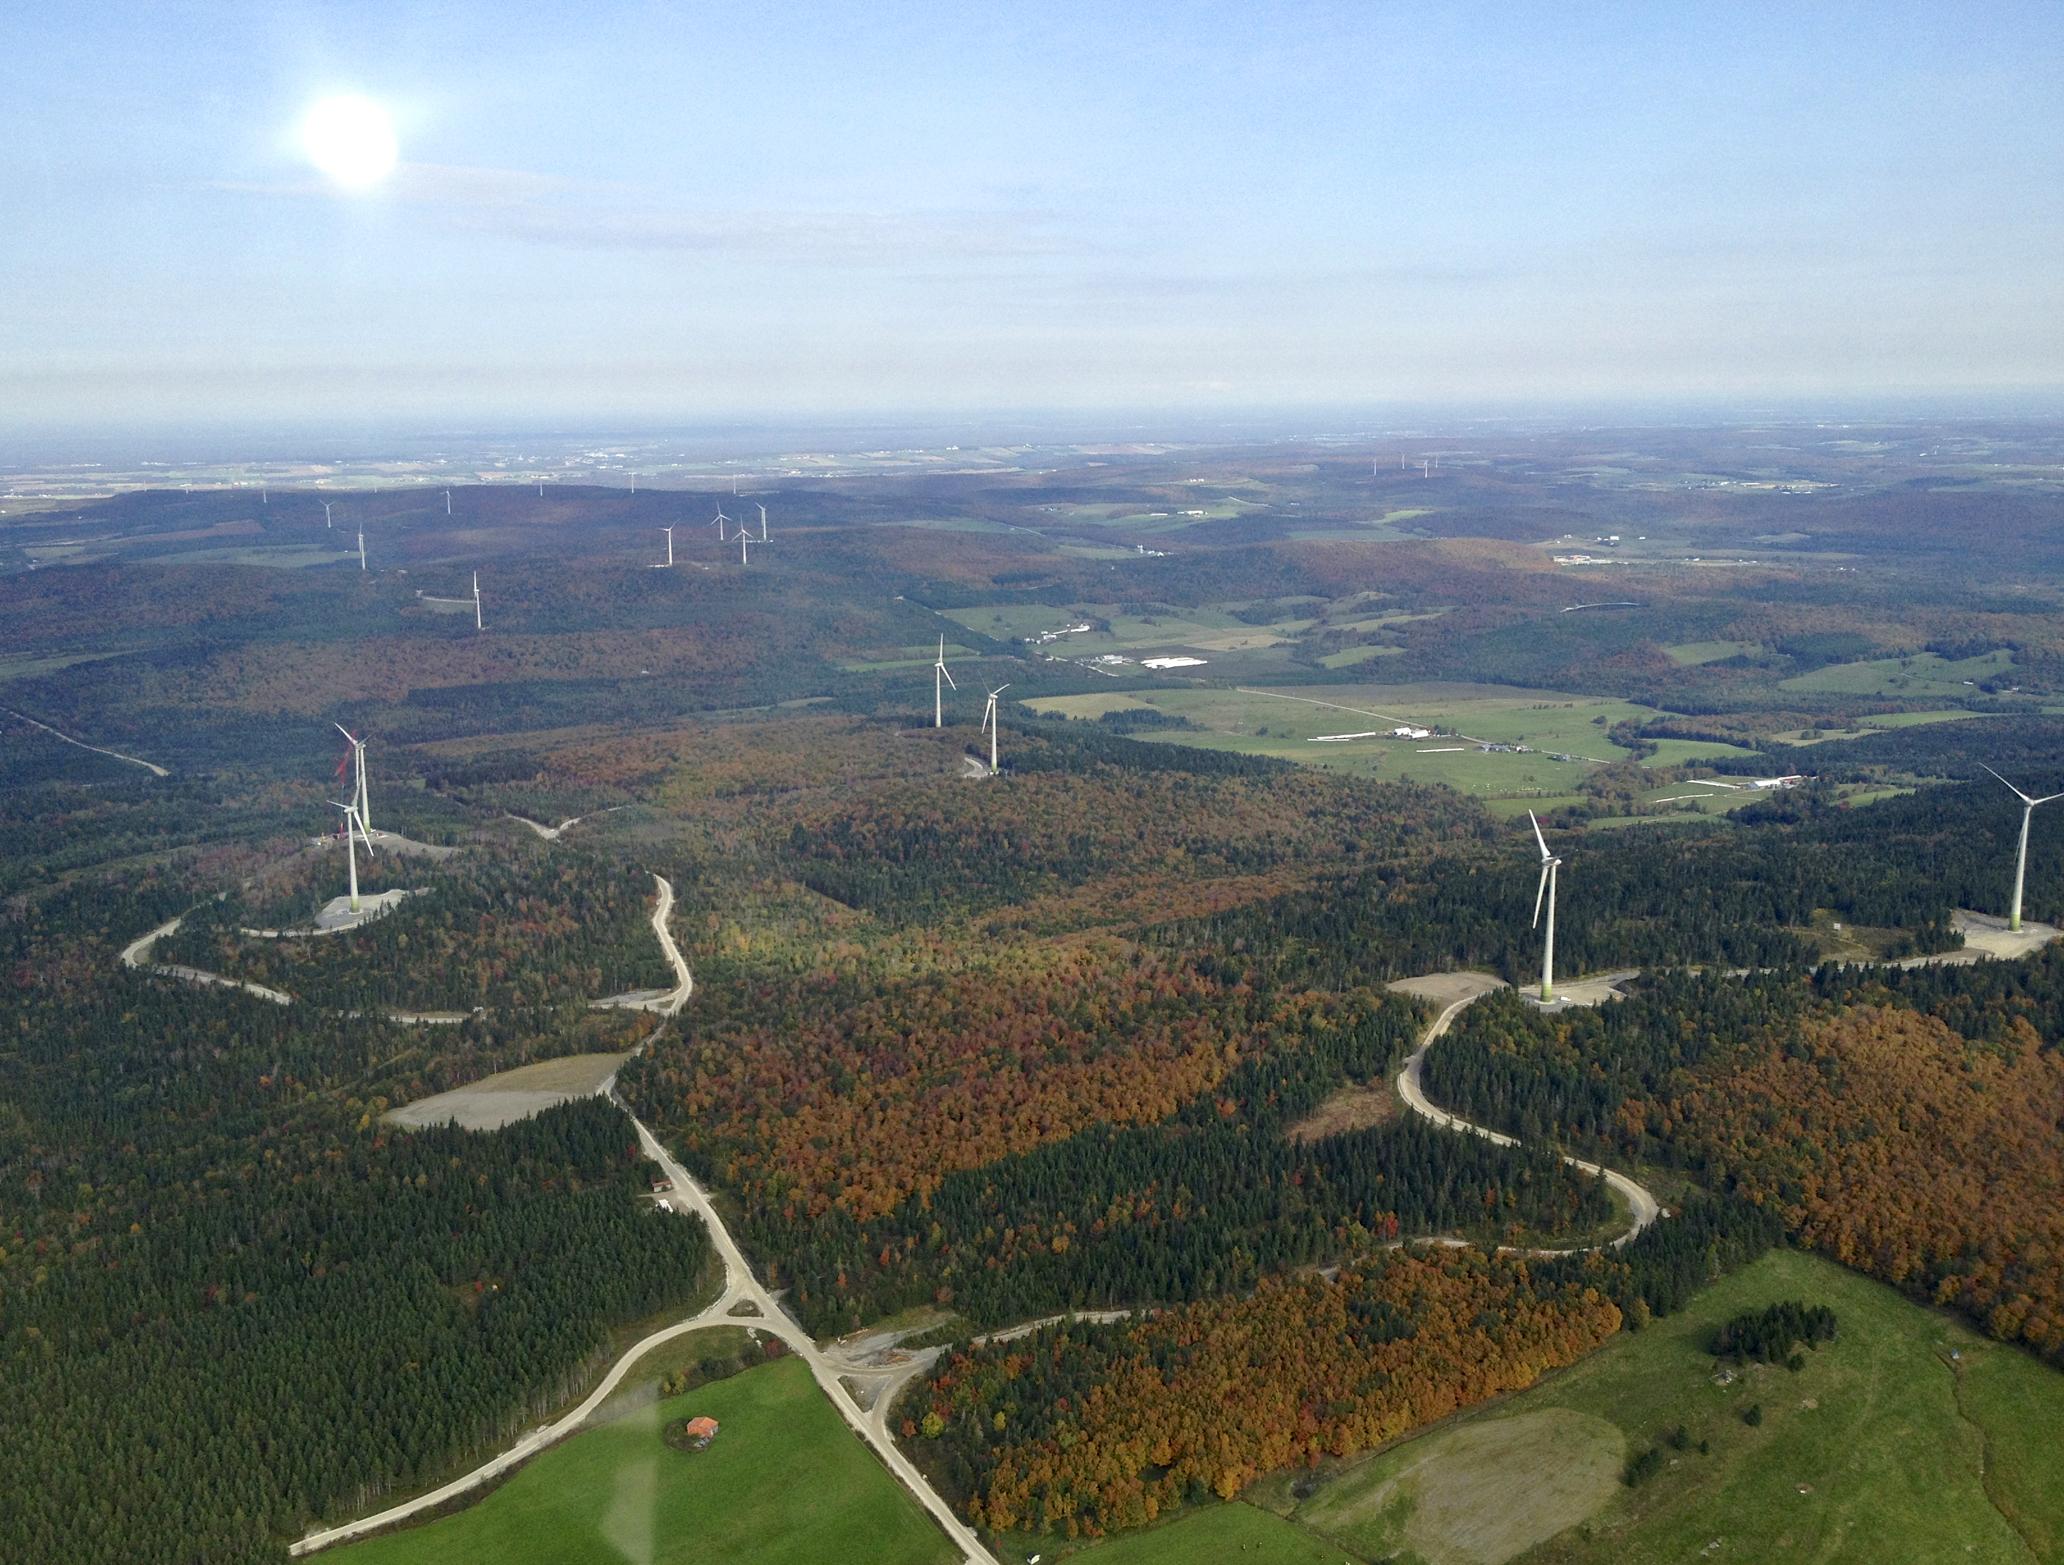 Eólica y energías renovables: Elecnor instala parque eólico con 50 aerogeneradores de Enercon